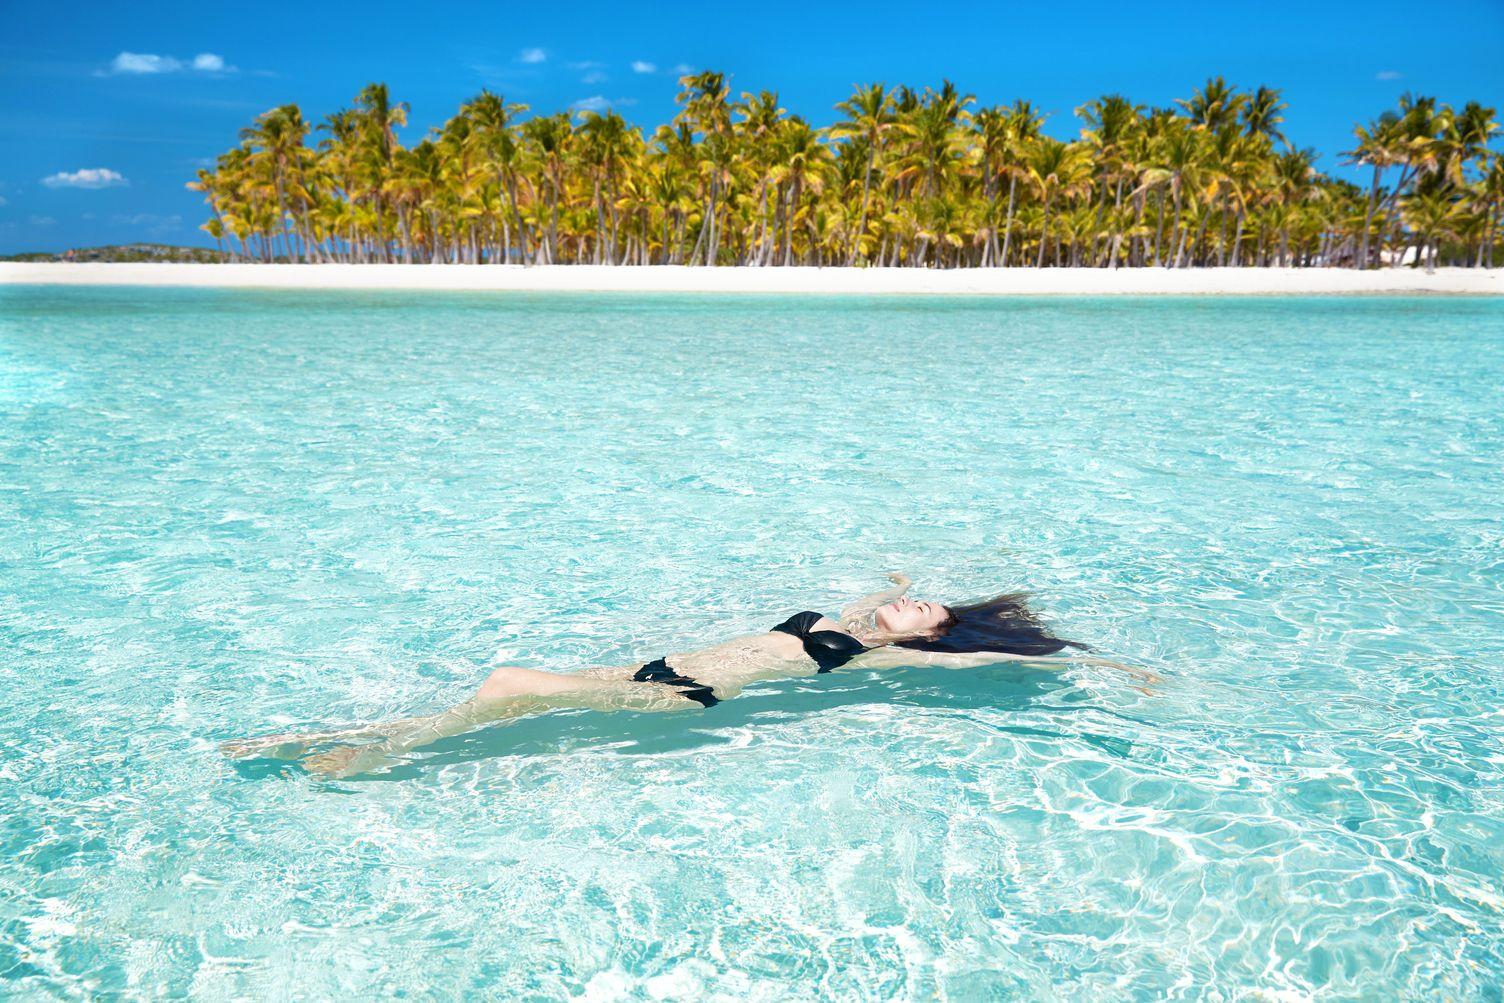 Frau liegt im Wasser. Im Hintergrund ist ein leerer Strand mit Palmen. Das Wasser ist klar.